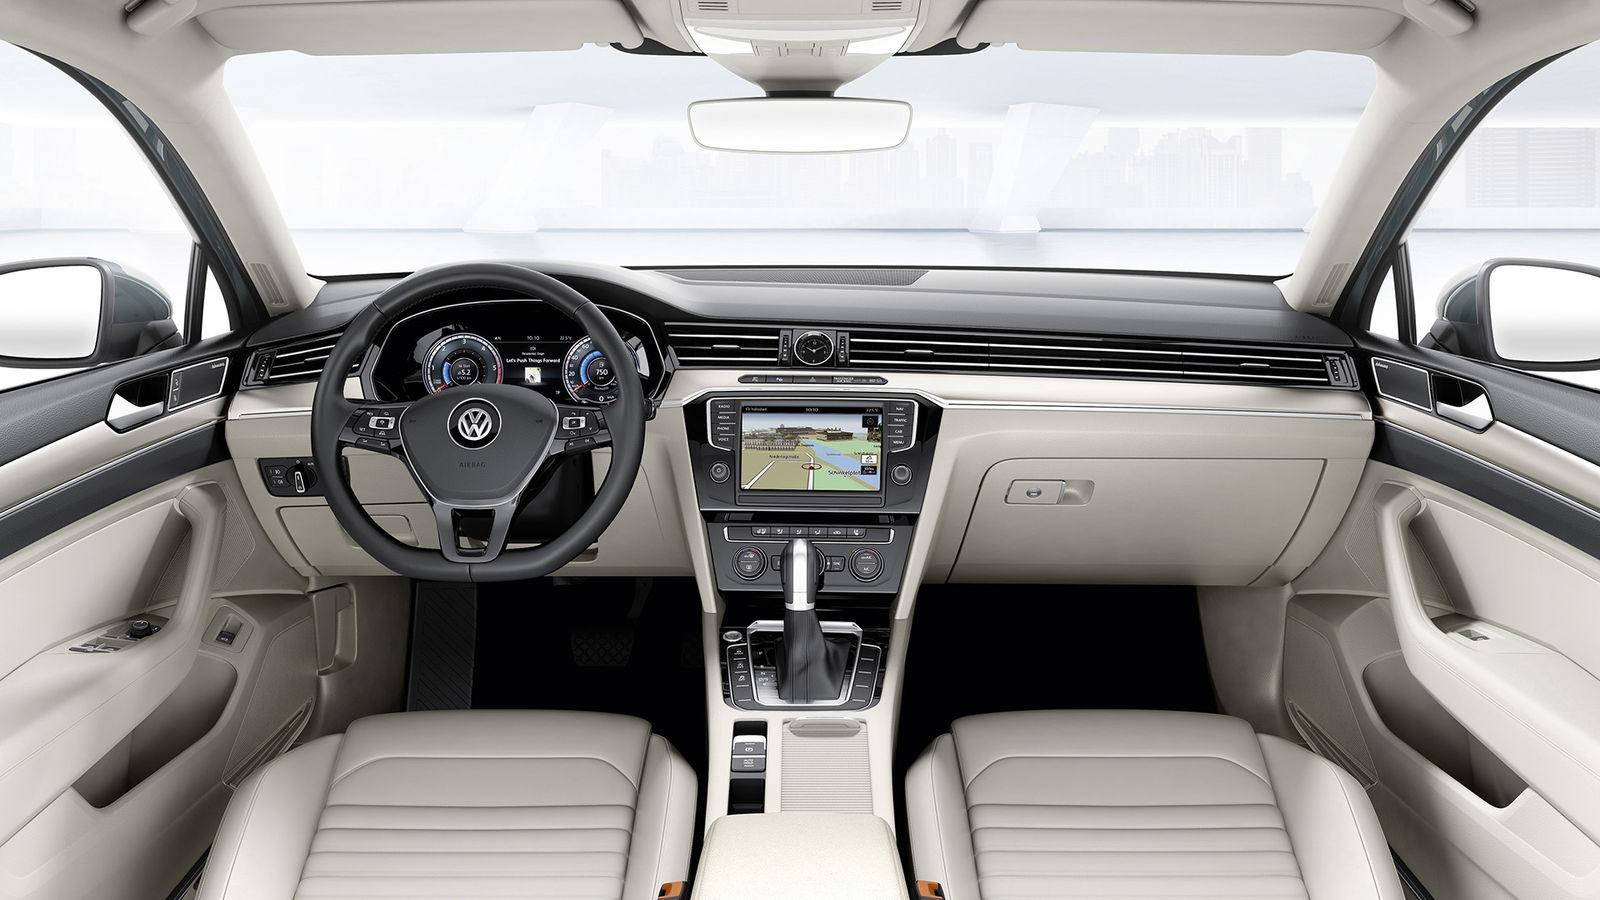 hd cc interior v vw volkswagen rear images cars wallpaper seats